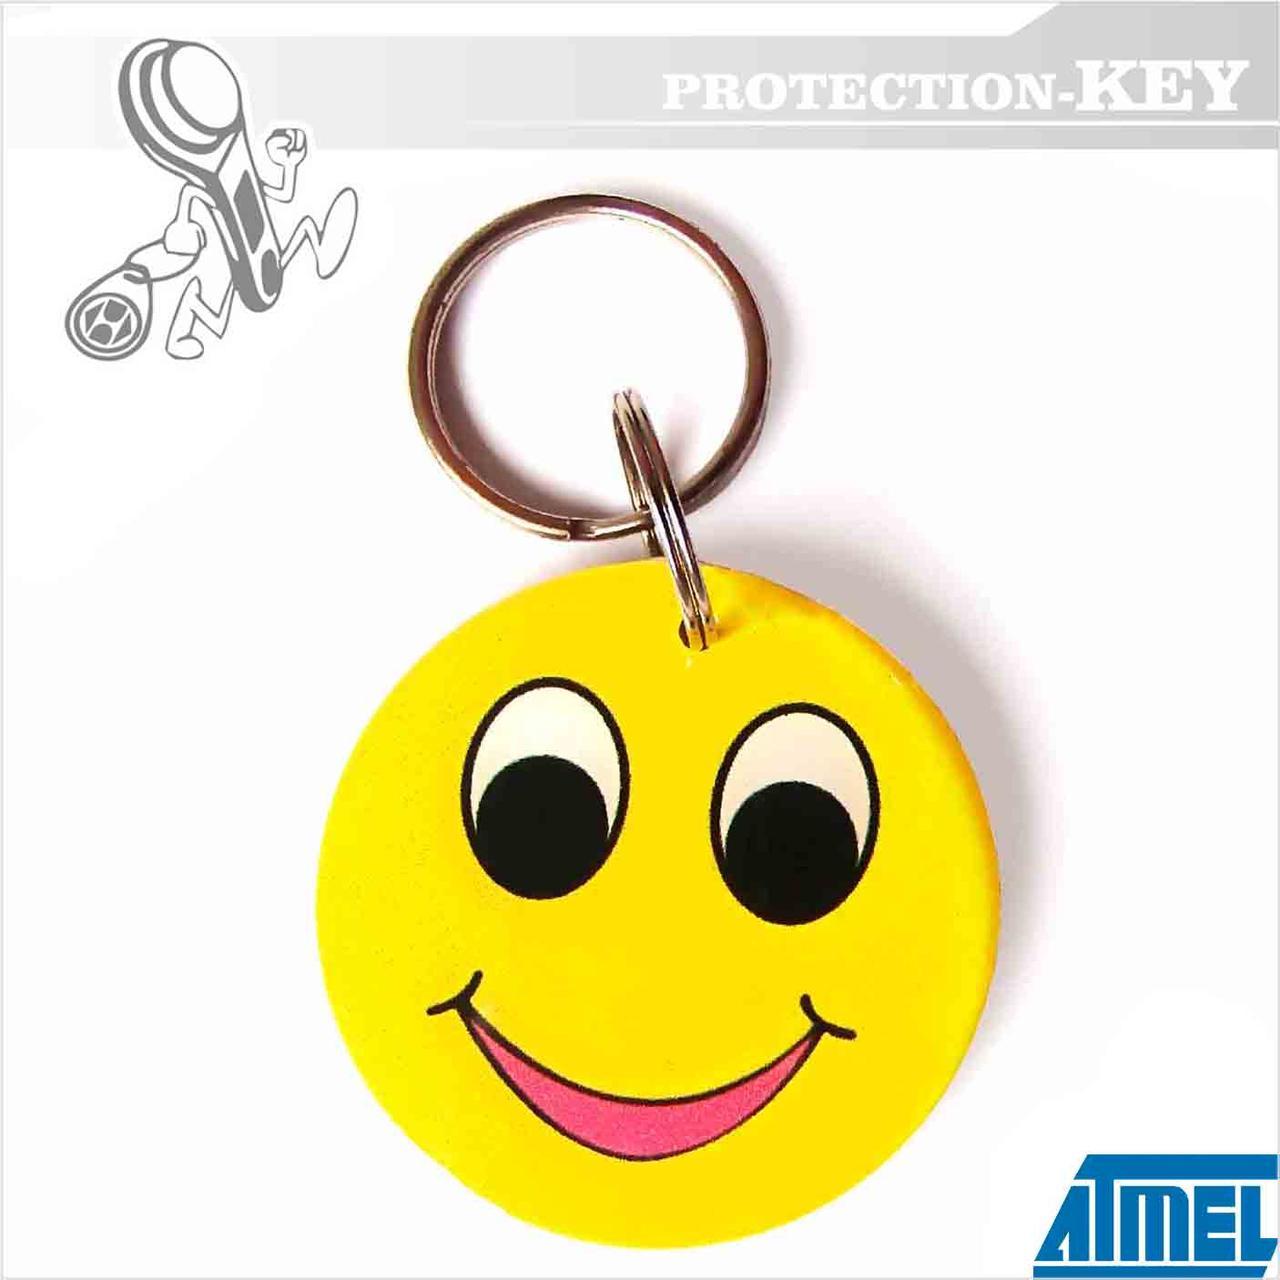 Epoxy-заготовка Т5577 Smile Ø35 для копирования домофонных ключей и оригинальных RFID